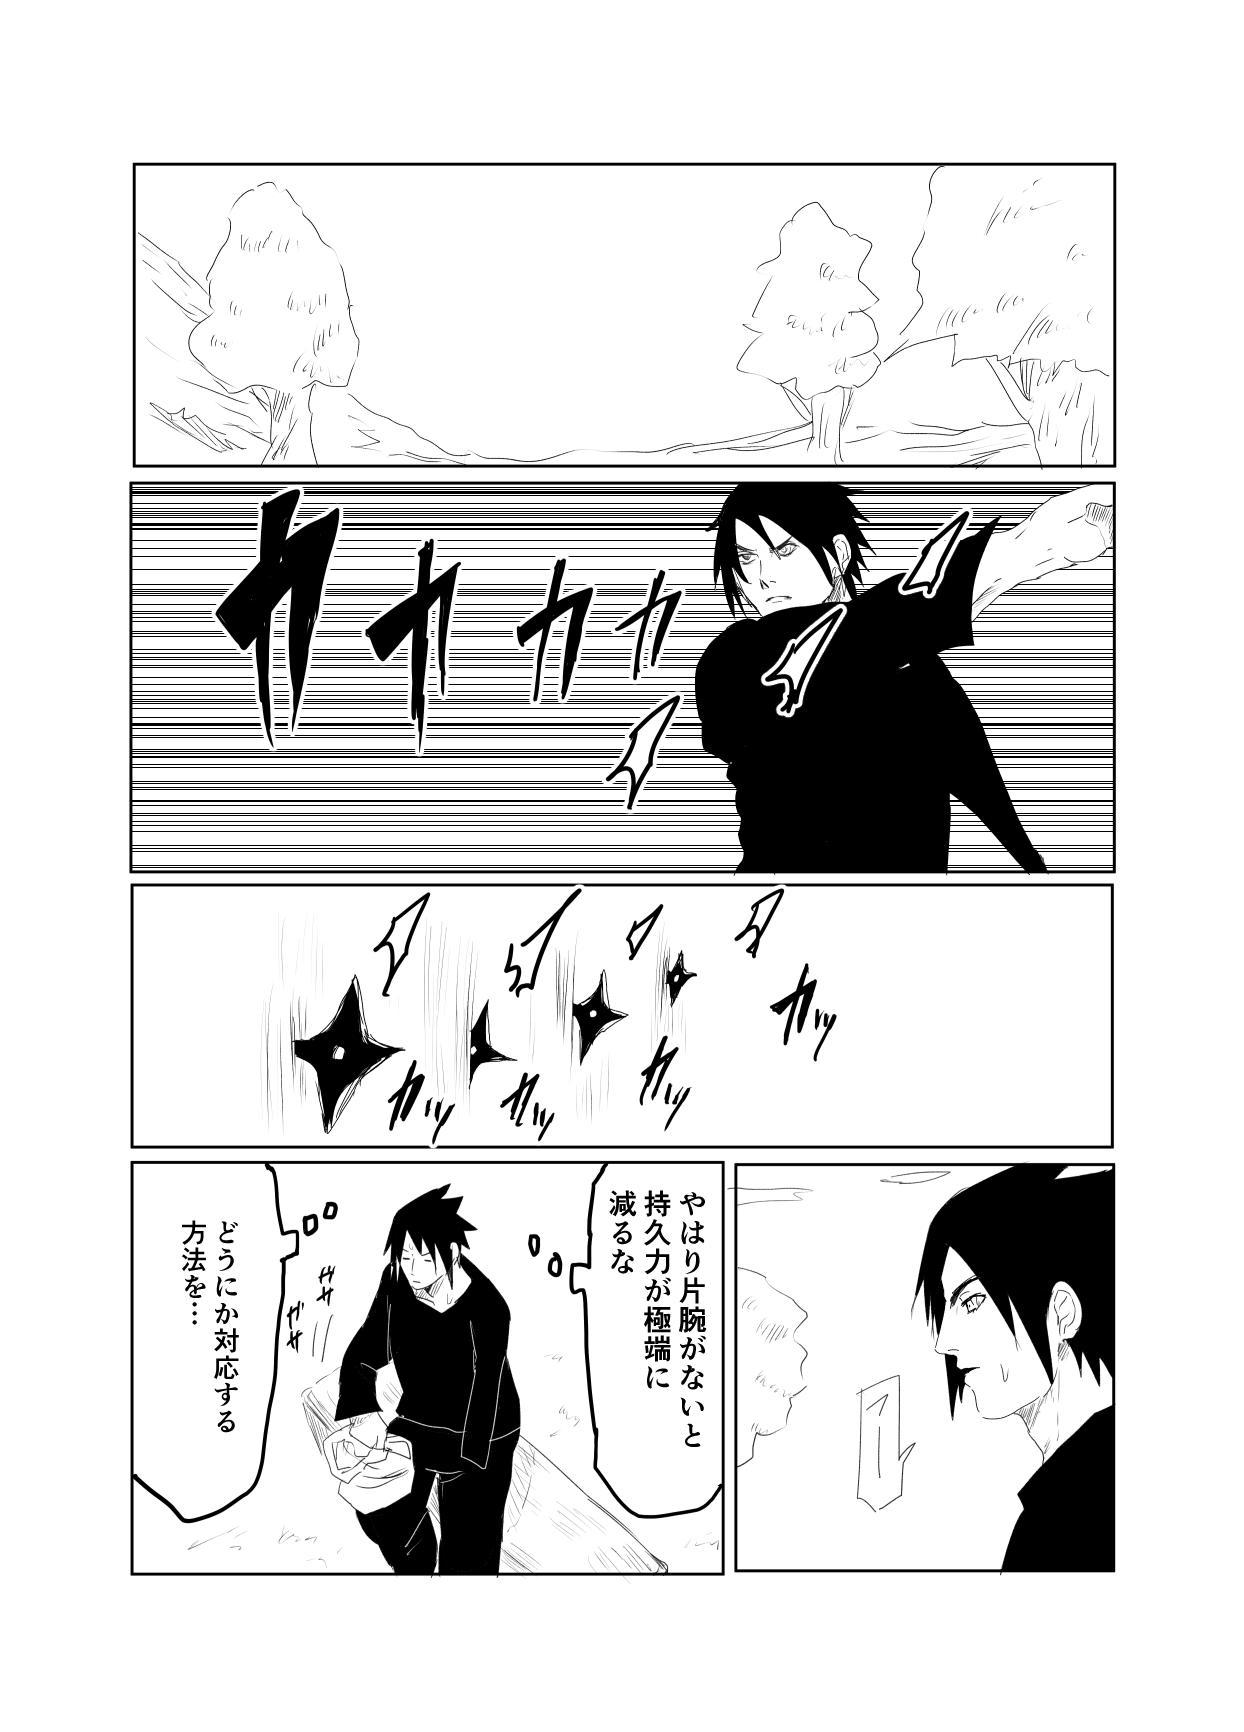 嘘告白漫画 16